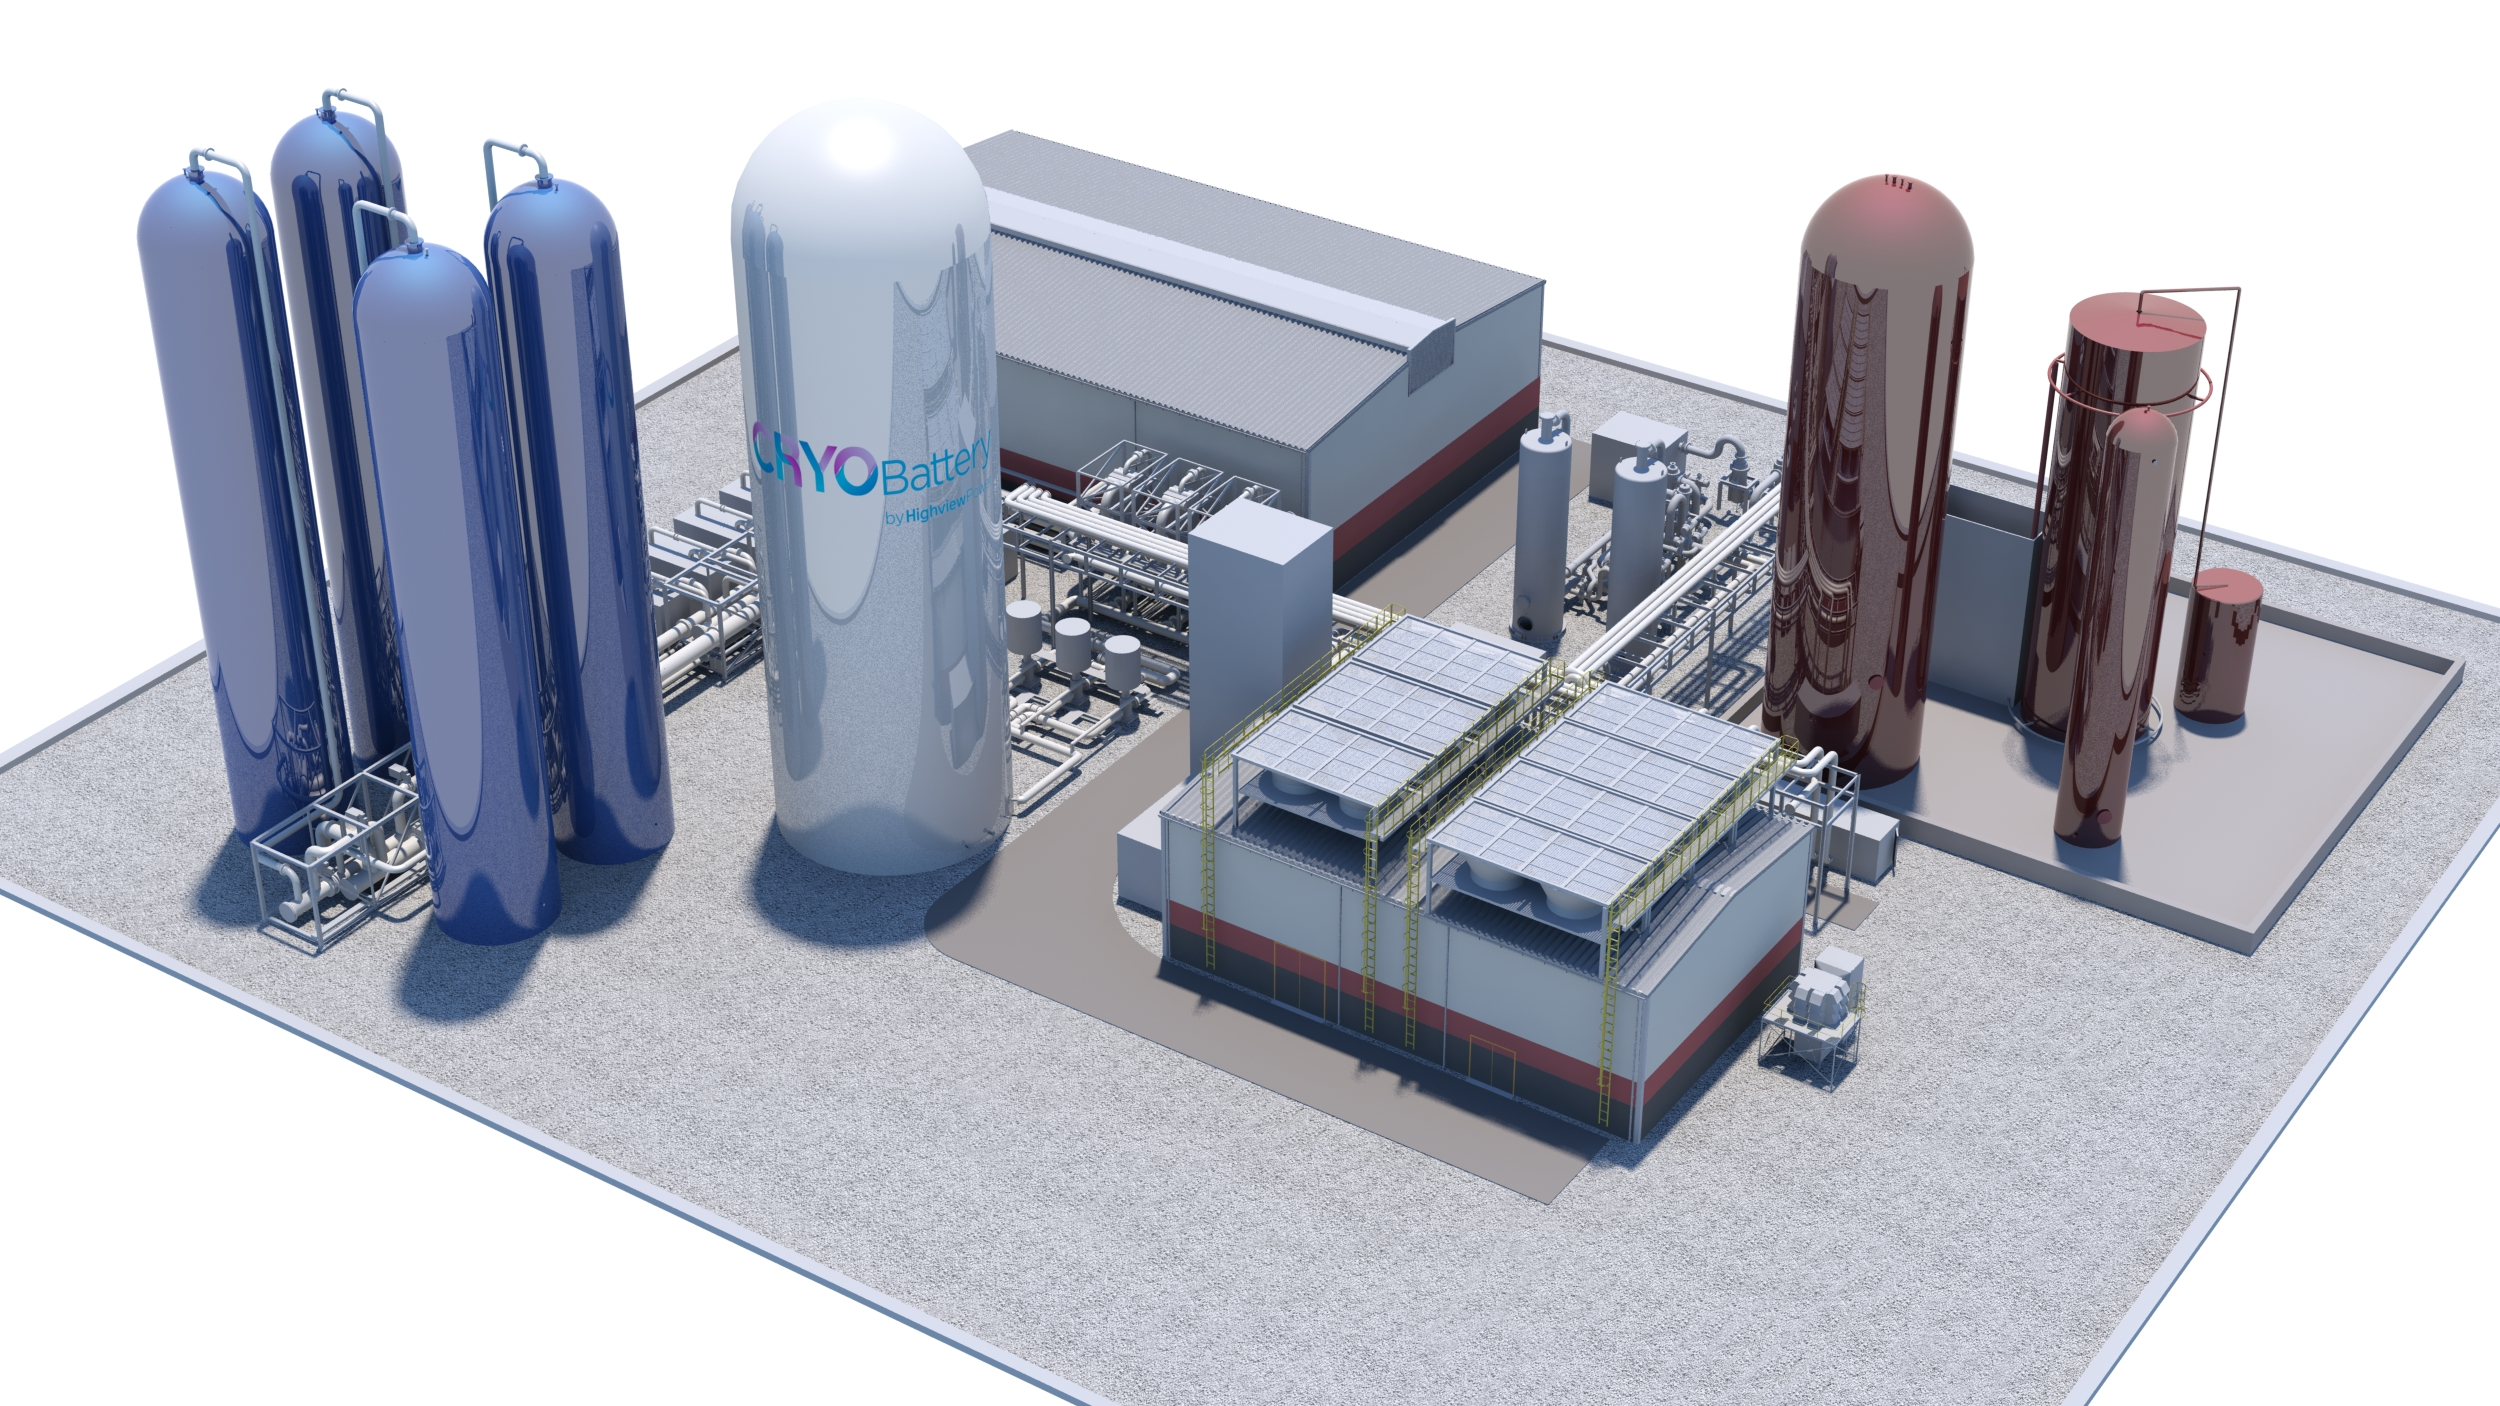 【イギリス】世界最大の「液体空気蓄電所」の建設開始。容量250MWh。住友重機械工業も出資 1